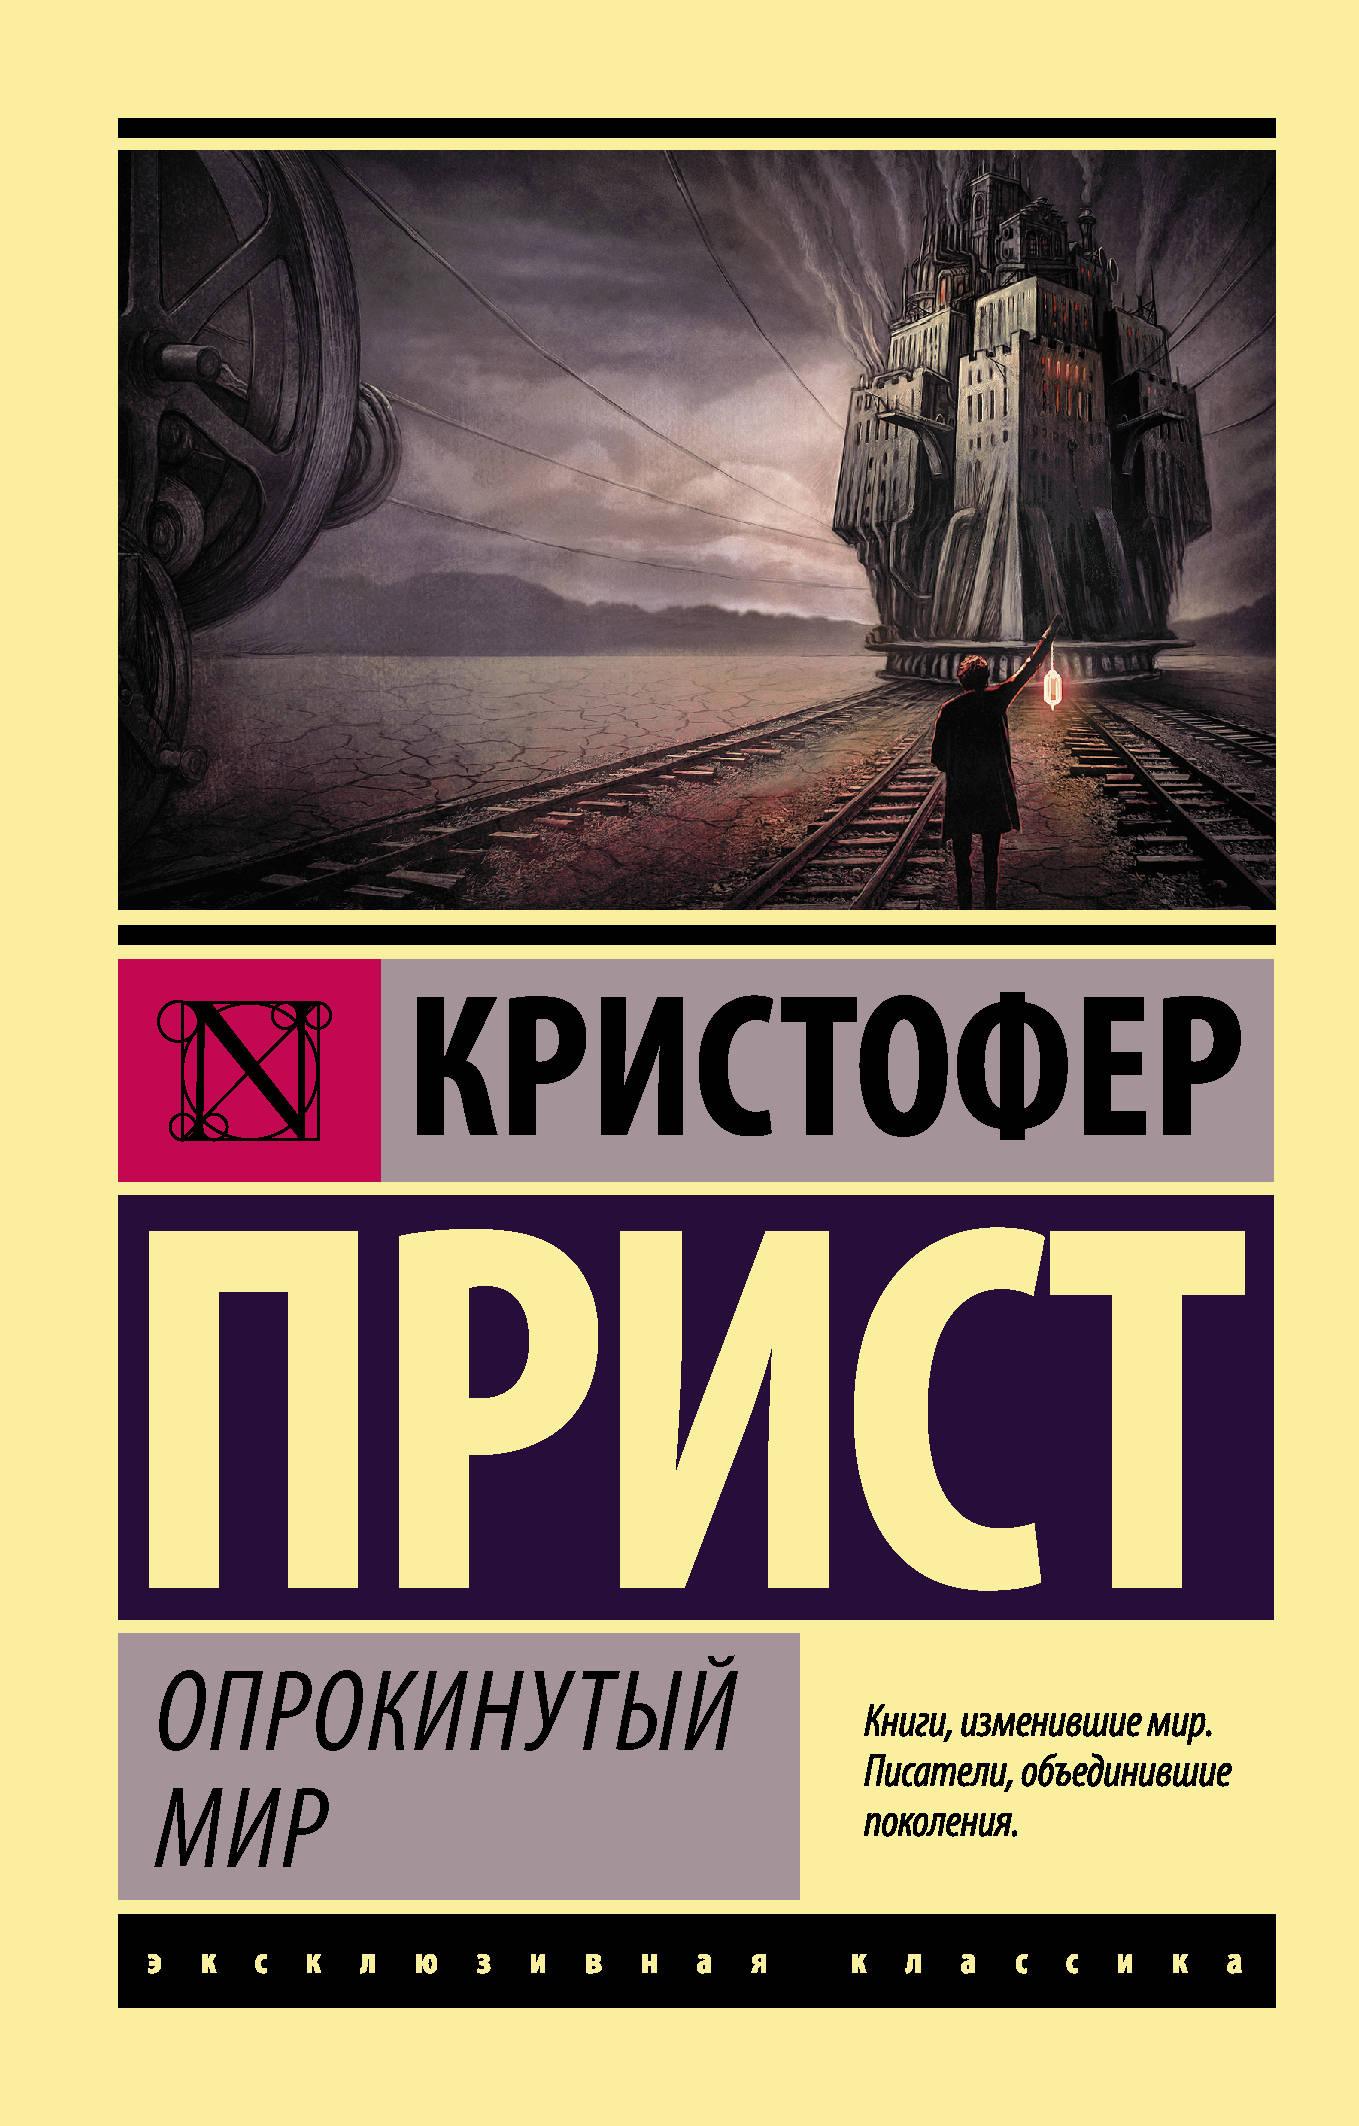 Кристофер Прист Опрокинутый